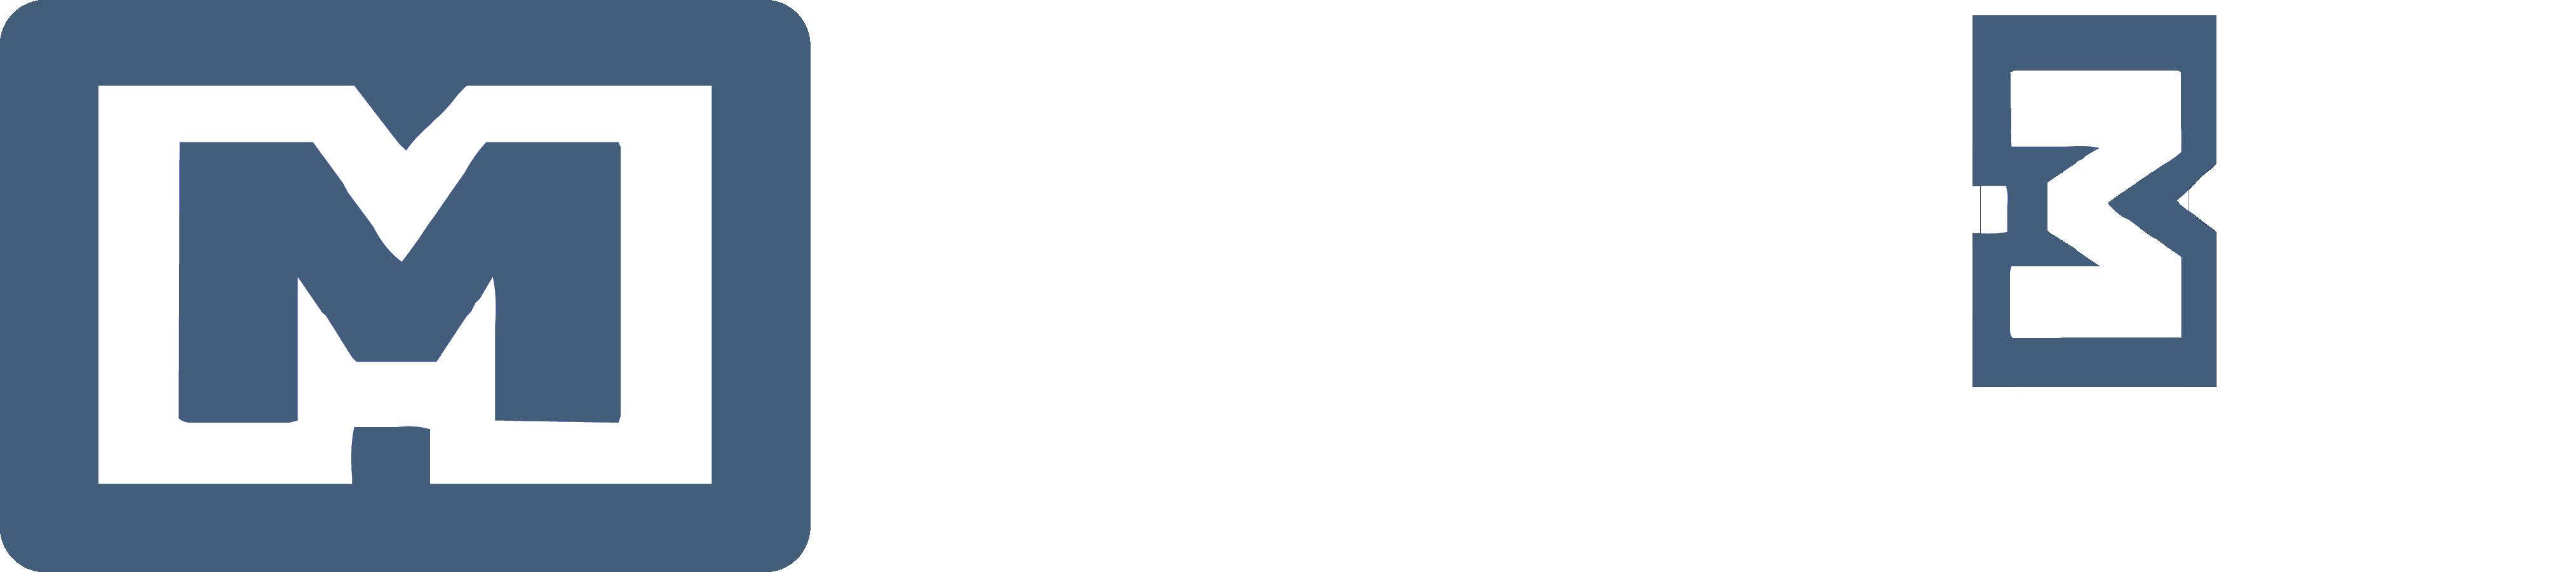 Mak3r.de